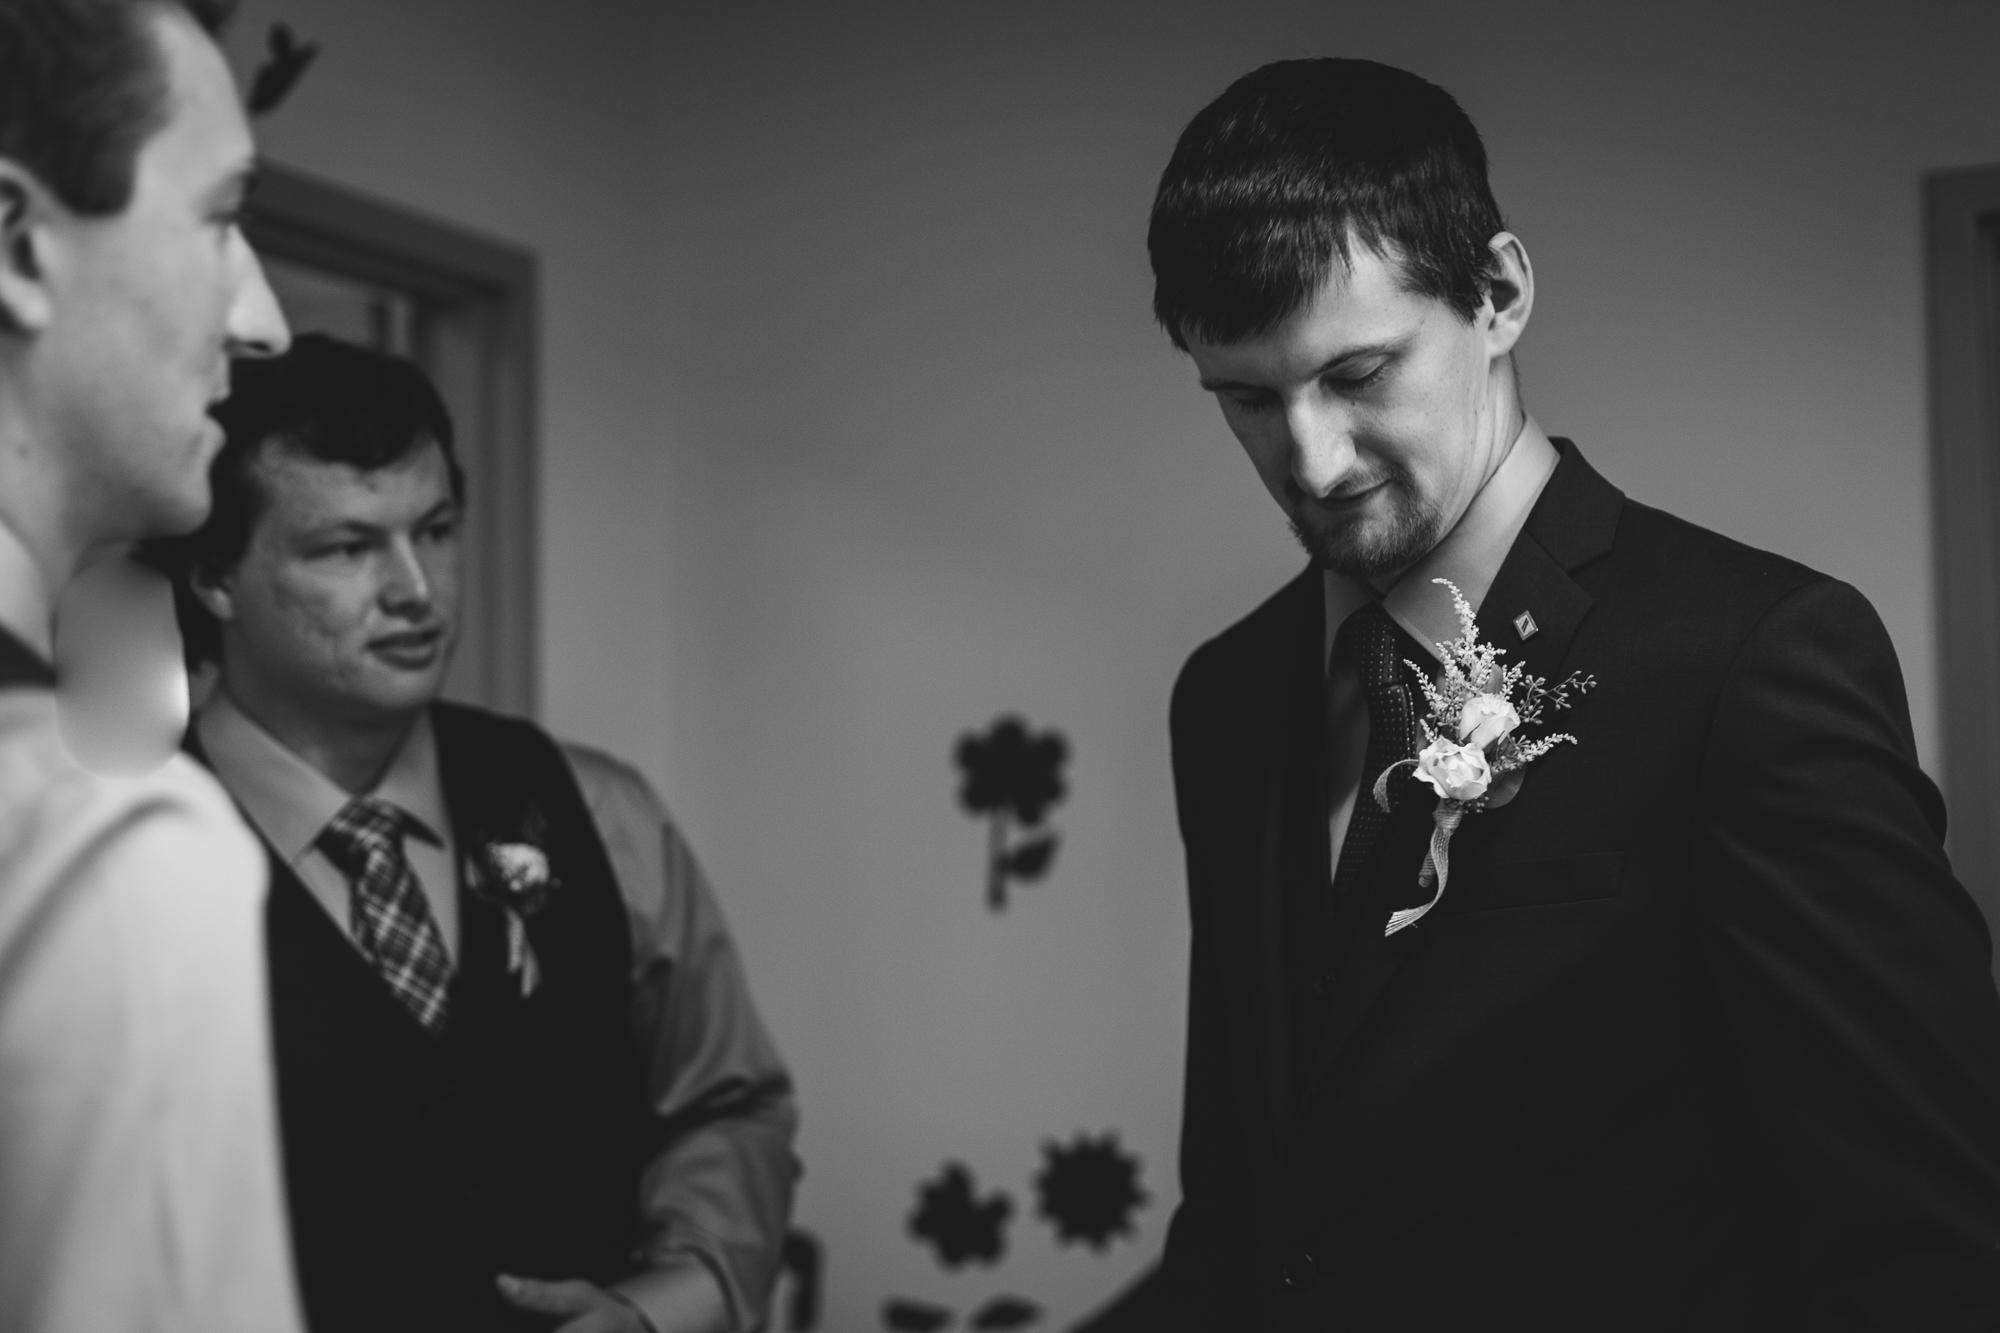 Deanna-Rachel-Photography-calgary-Wedding-photographer-jm-12.jpg